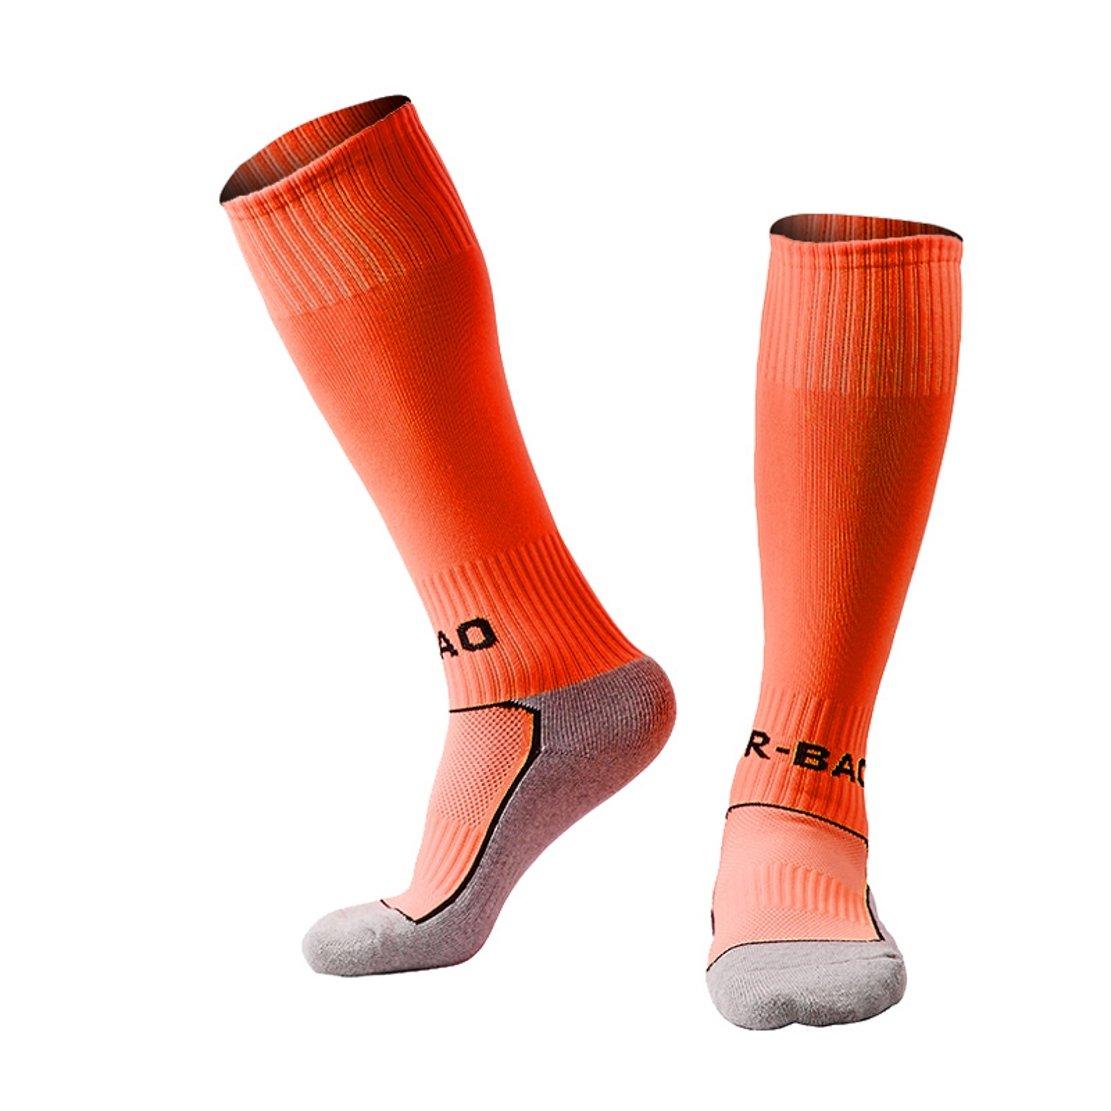 Welltree Boys & Girls Knee High Cotton Soccer Socks/Kids Football Sport Long Socks (Kid/Youth)